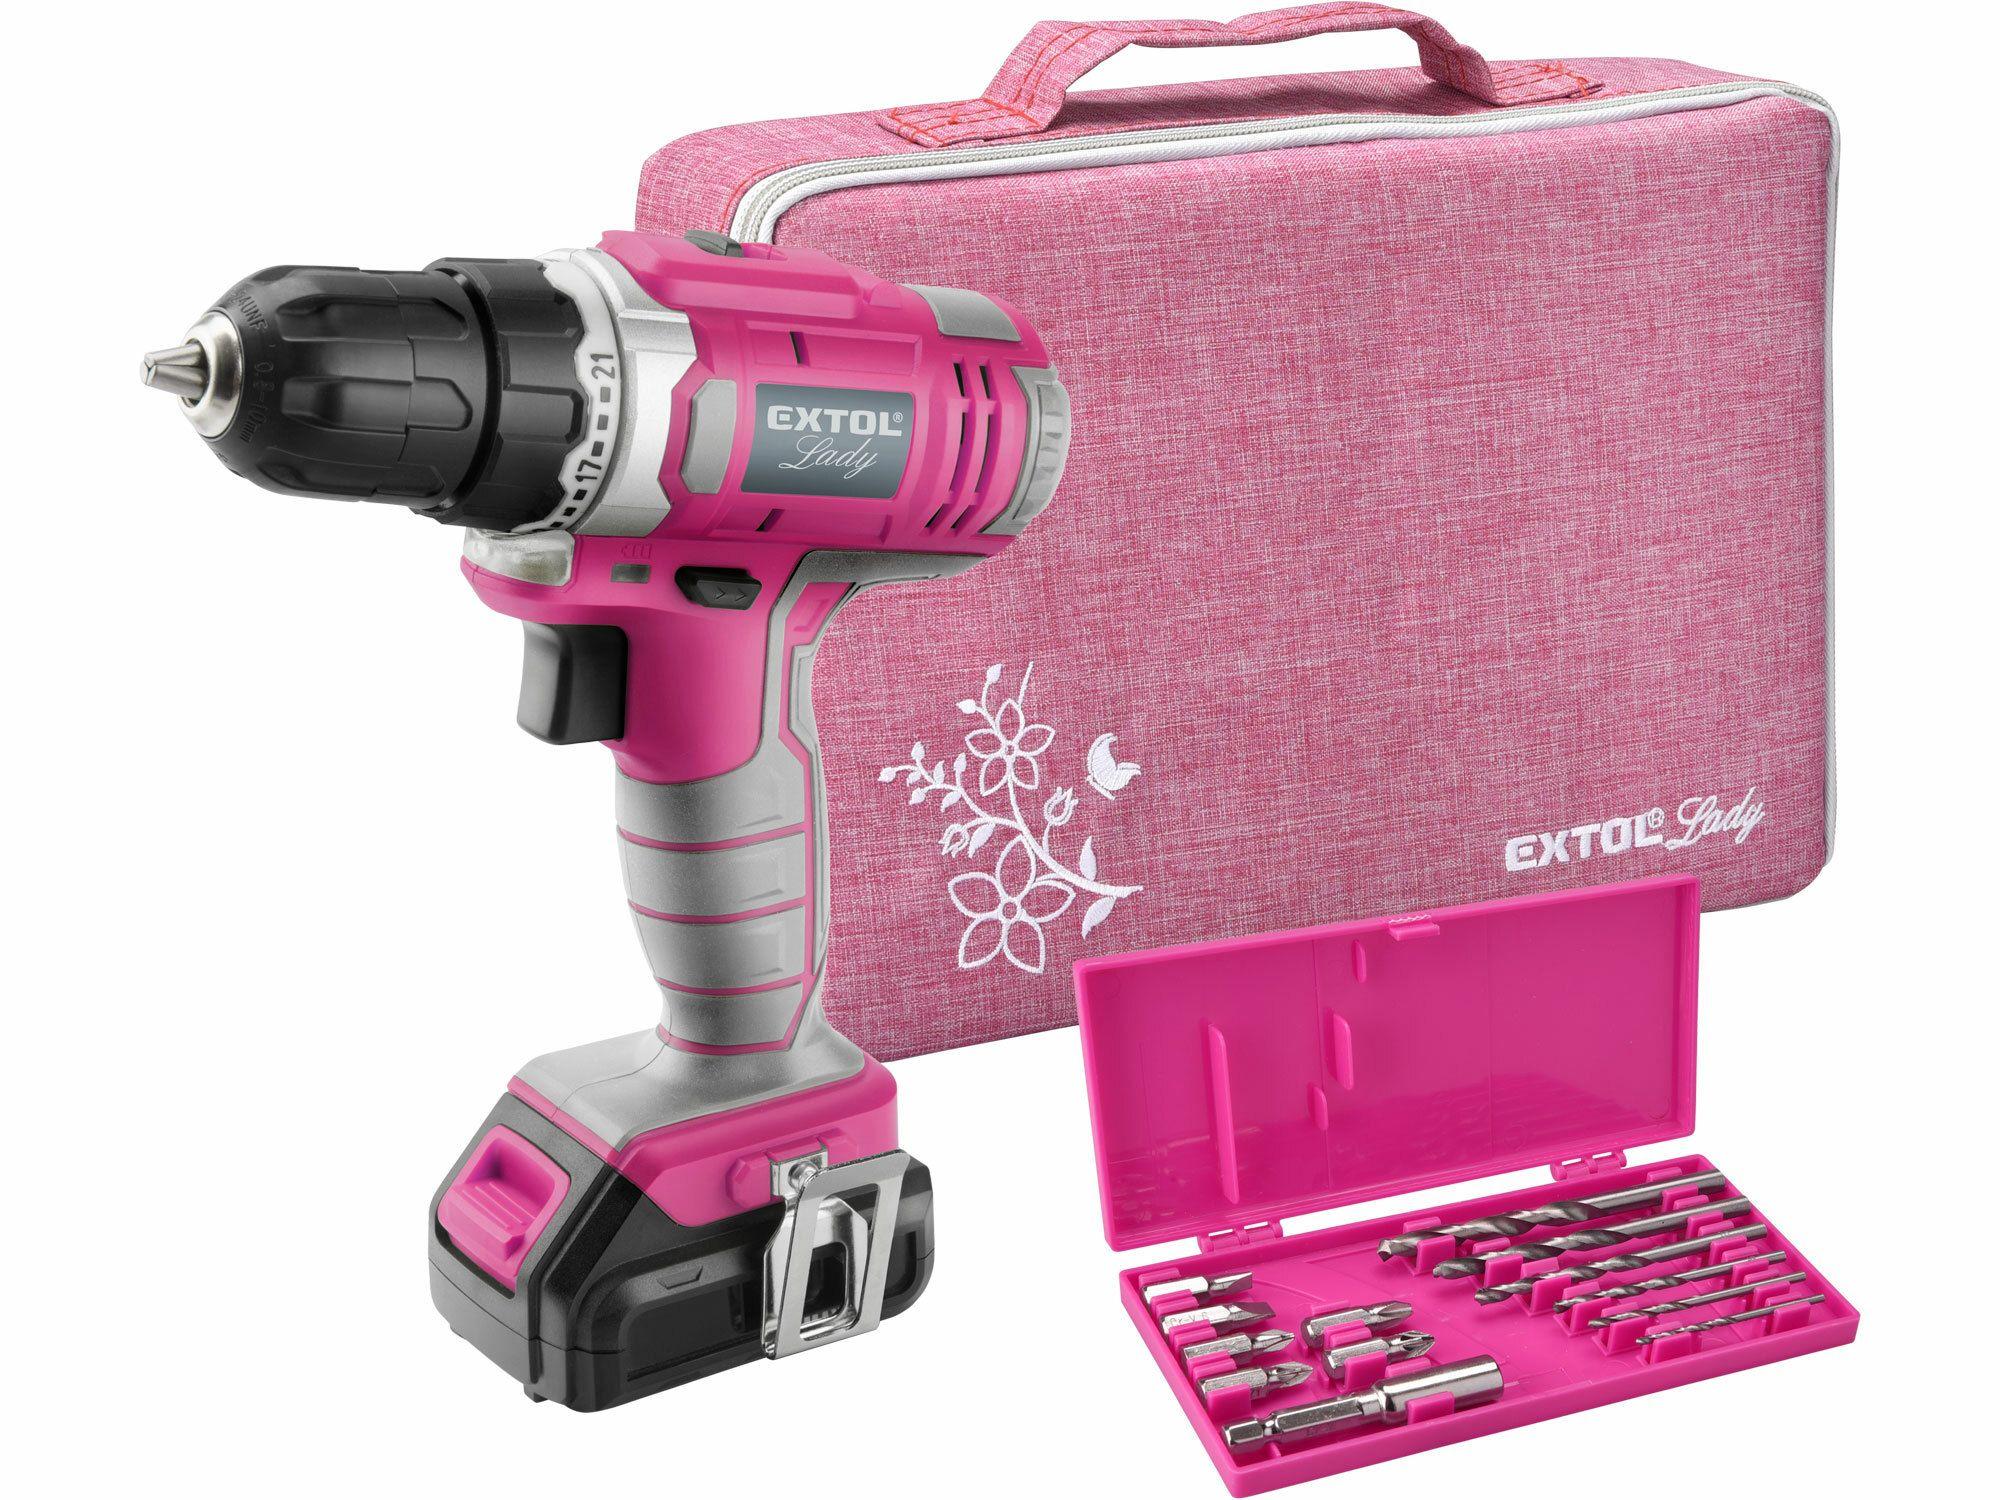 Vrtací šroubovák aku, růžový, 1x1300mAh, 12V Li-Ion, sada v tašce, EXTOL LADY, 402401 EXTOL-LADY